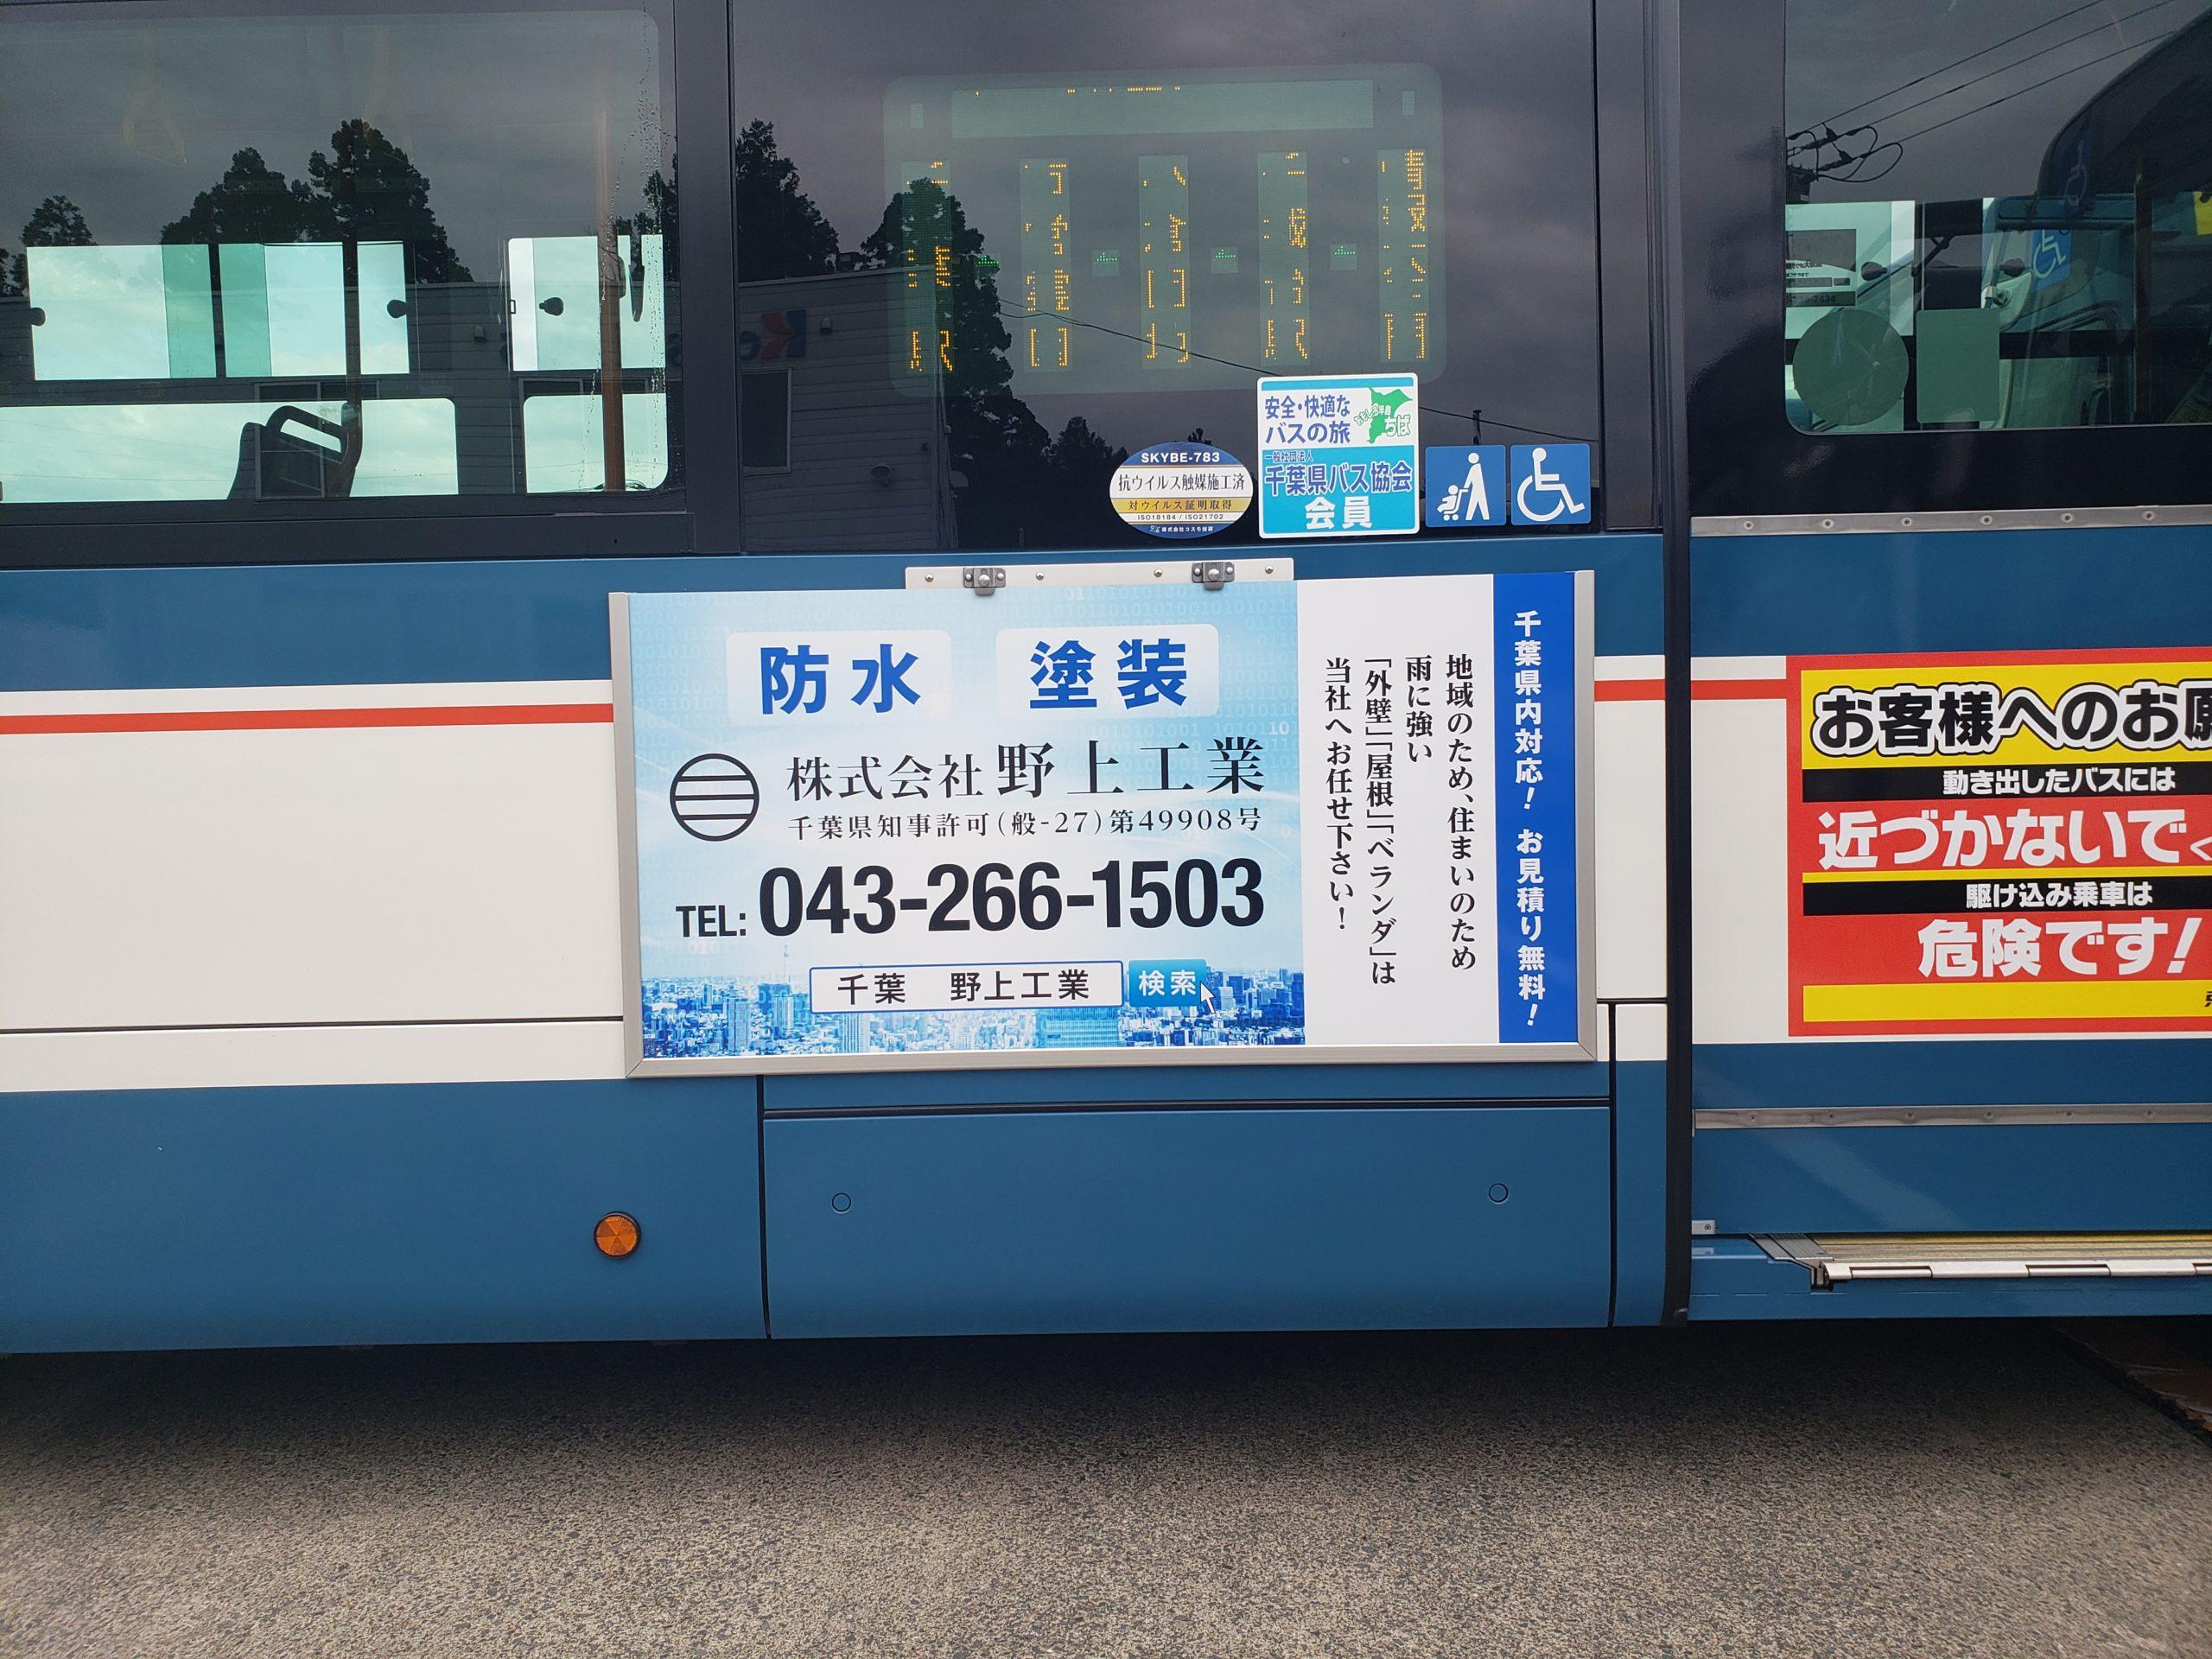 京成バスに弊社広告が掲出されております!